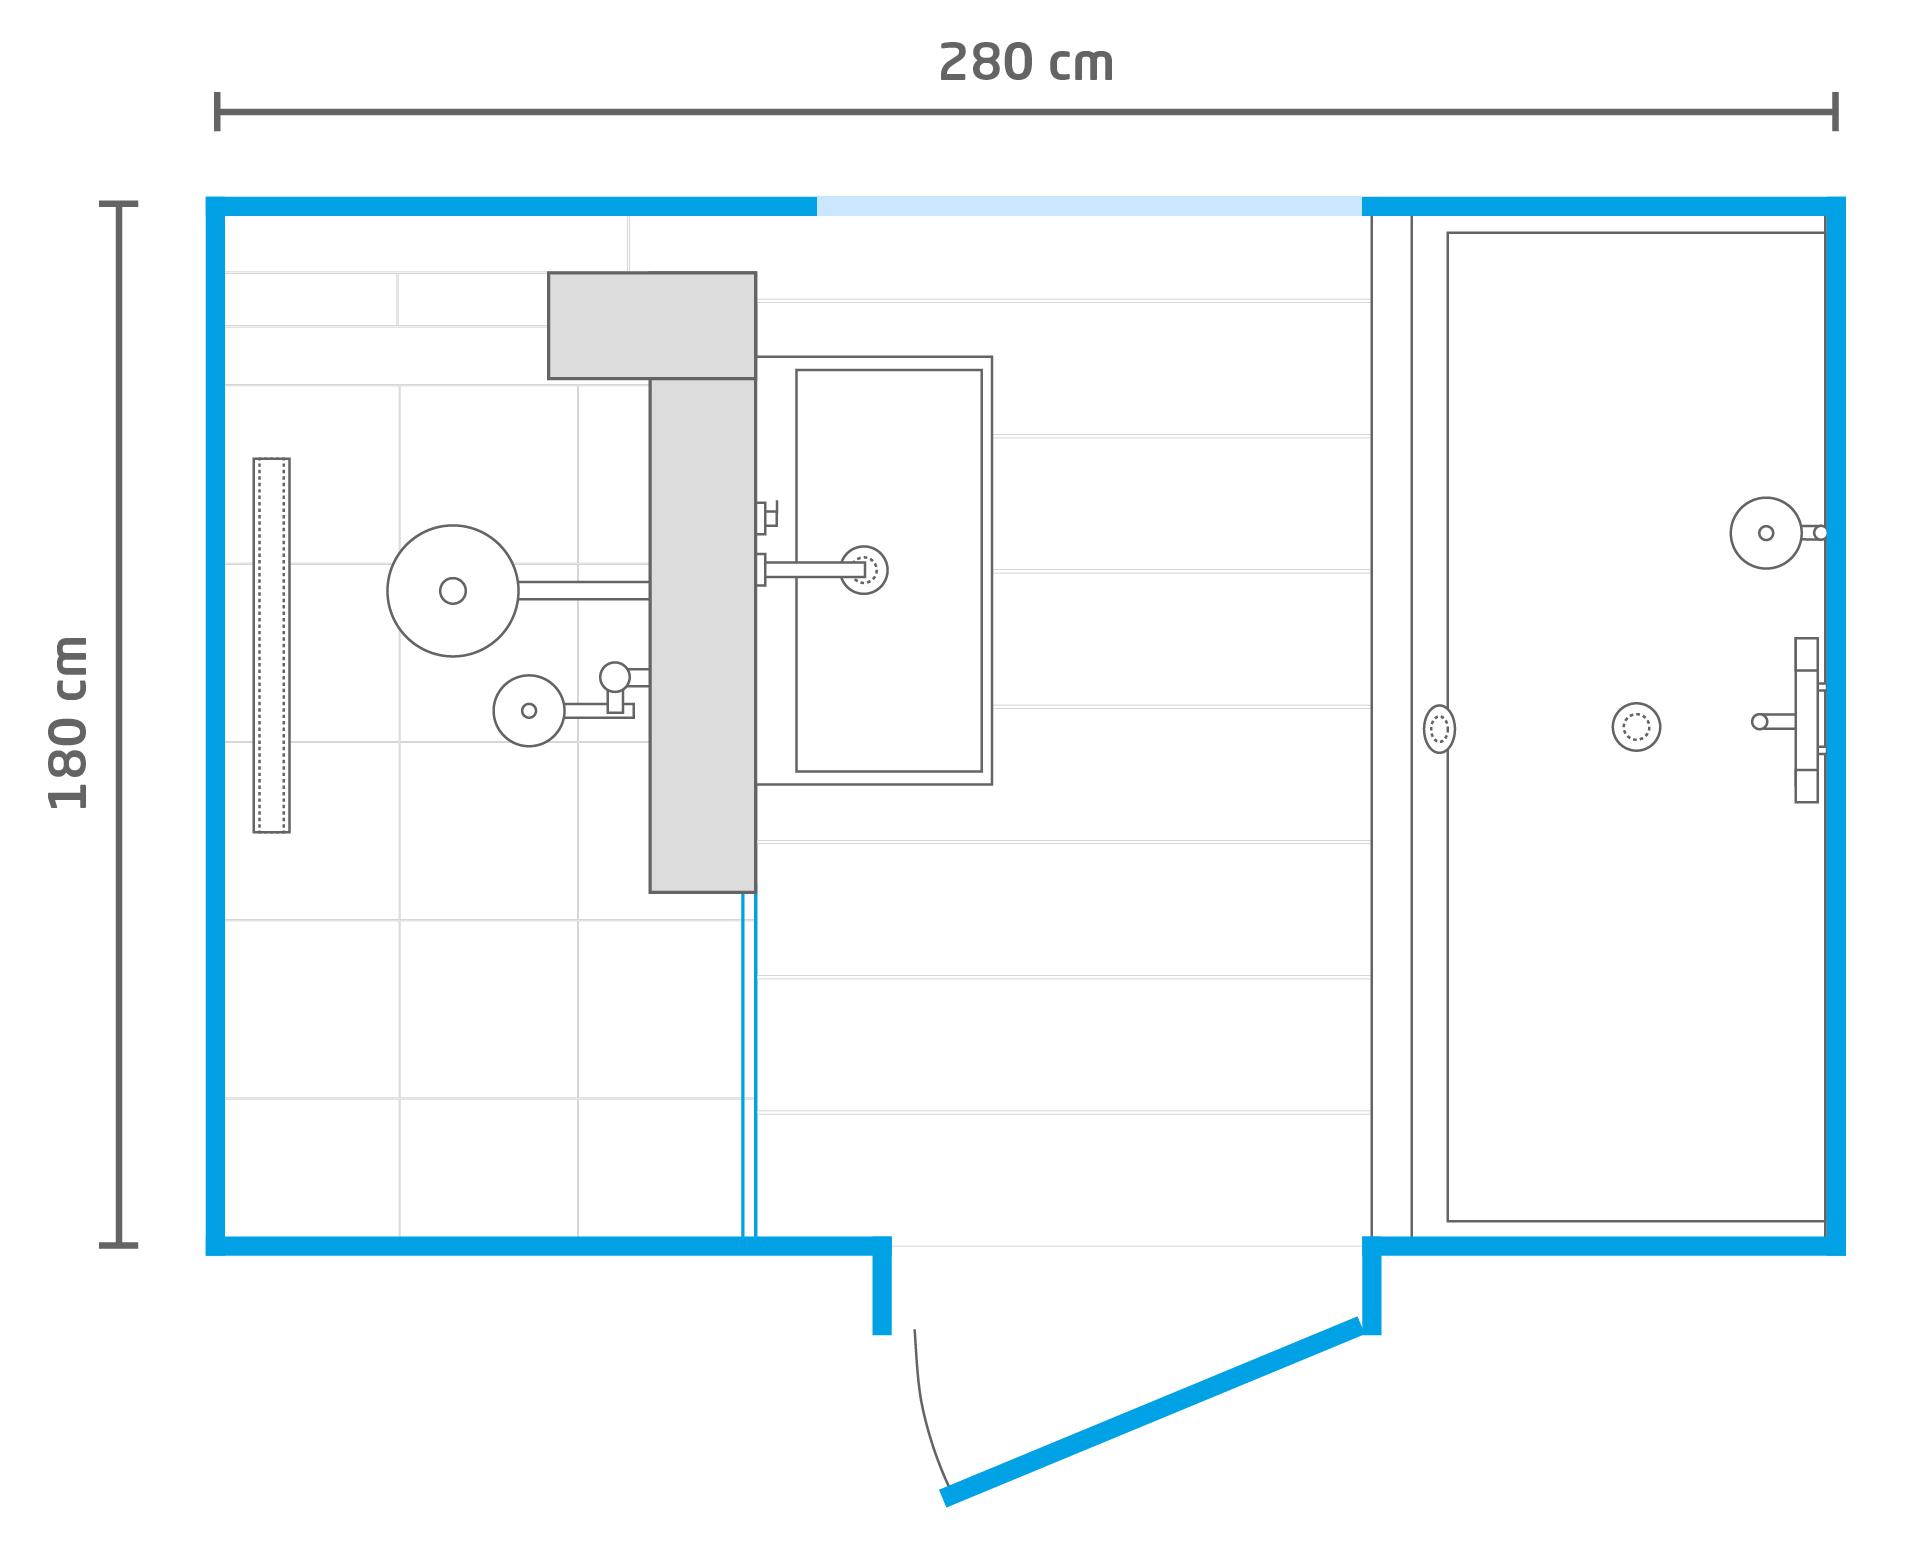 Afmeting Hangend Toilet.Ontwerp Op Maat